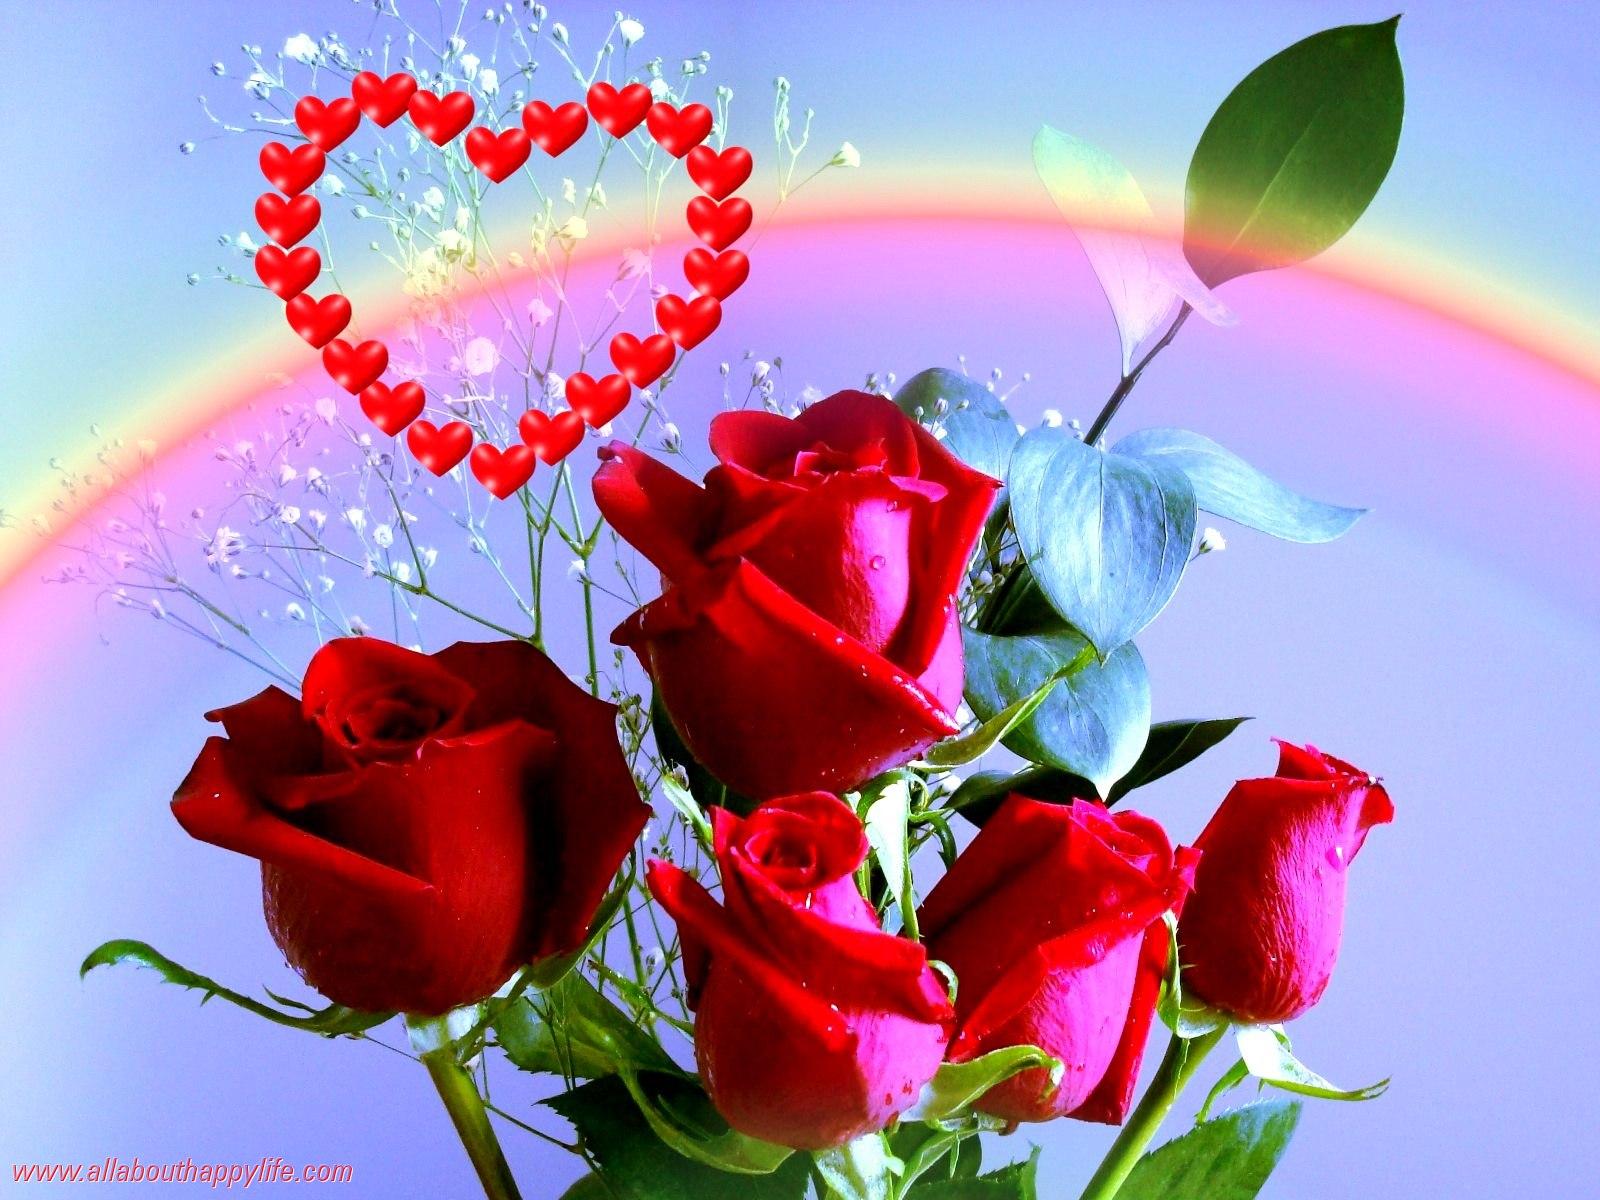 http://3.bp.blogspot.com/-DYBLzhb7R1w/UTyRkYm_6iI/AAAAAAAAEQg/HAtYoU4lKSU/s1600/love-wallpaper_dsc03465.jpg